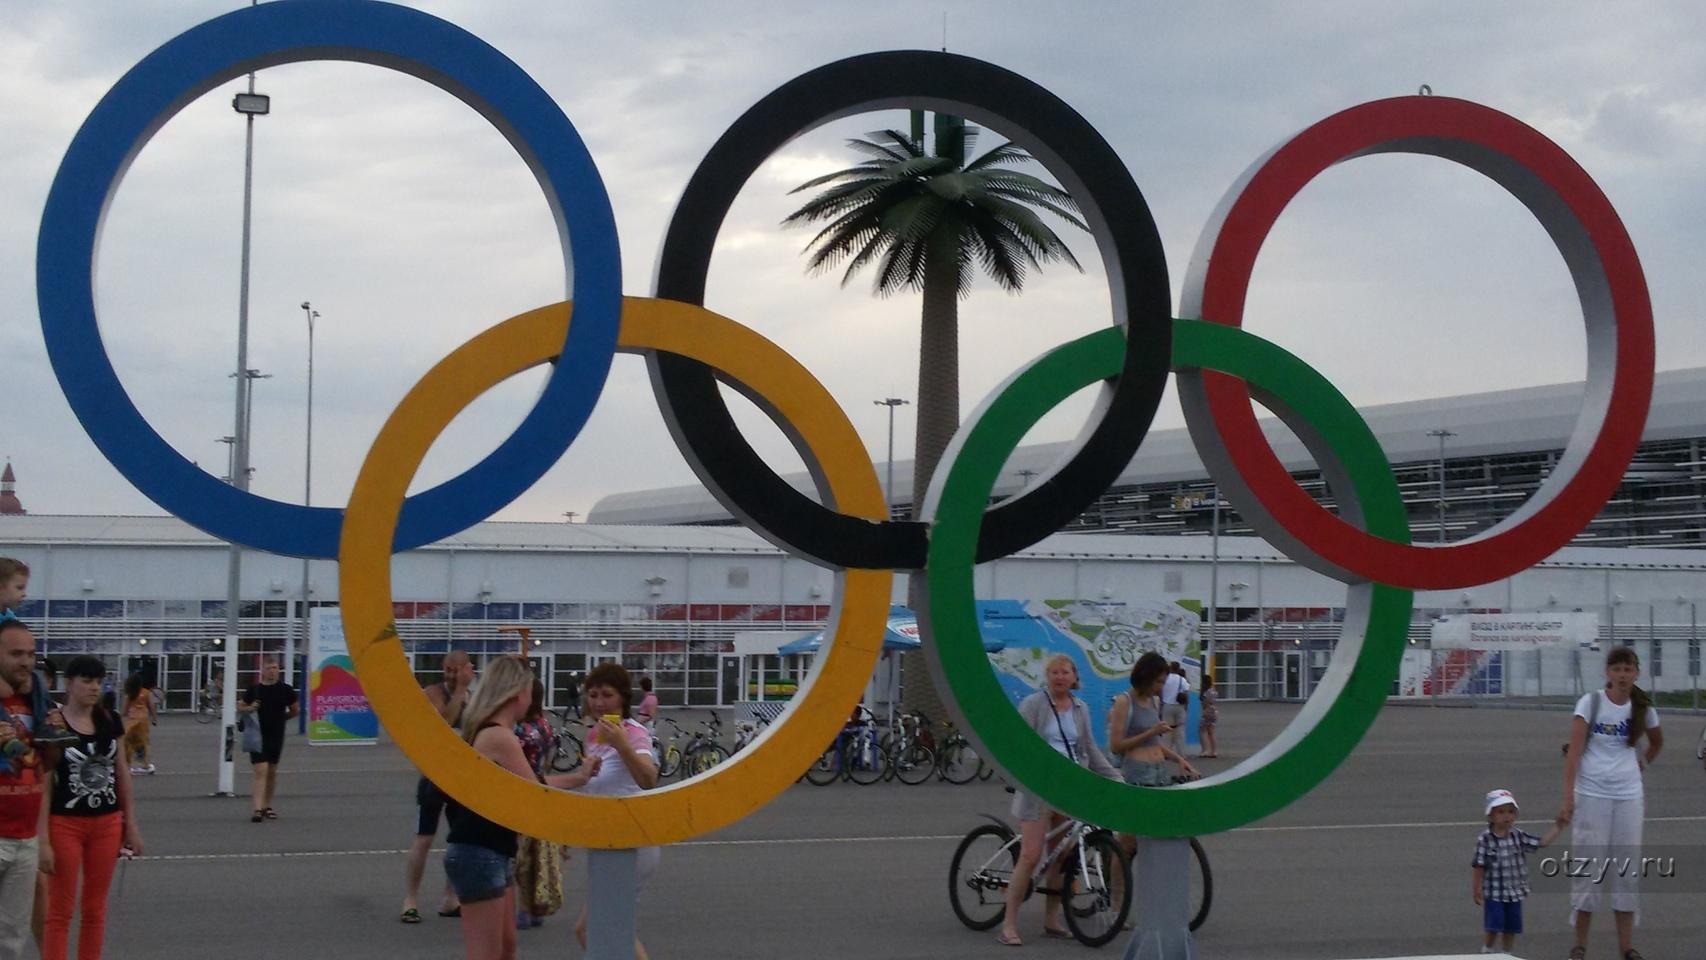 сочи олимпийские фигуры фото какая звездных